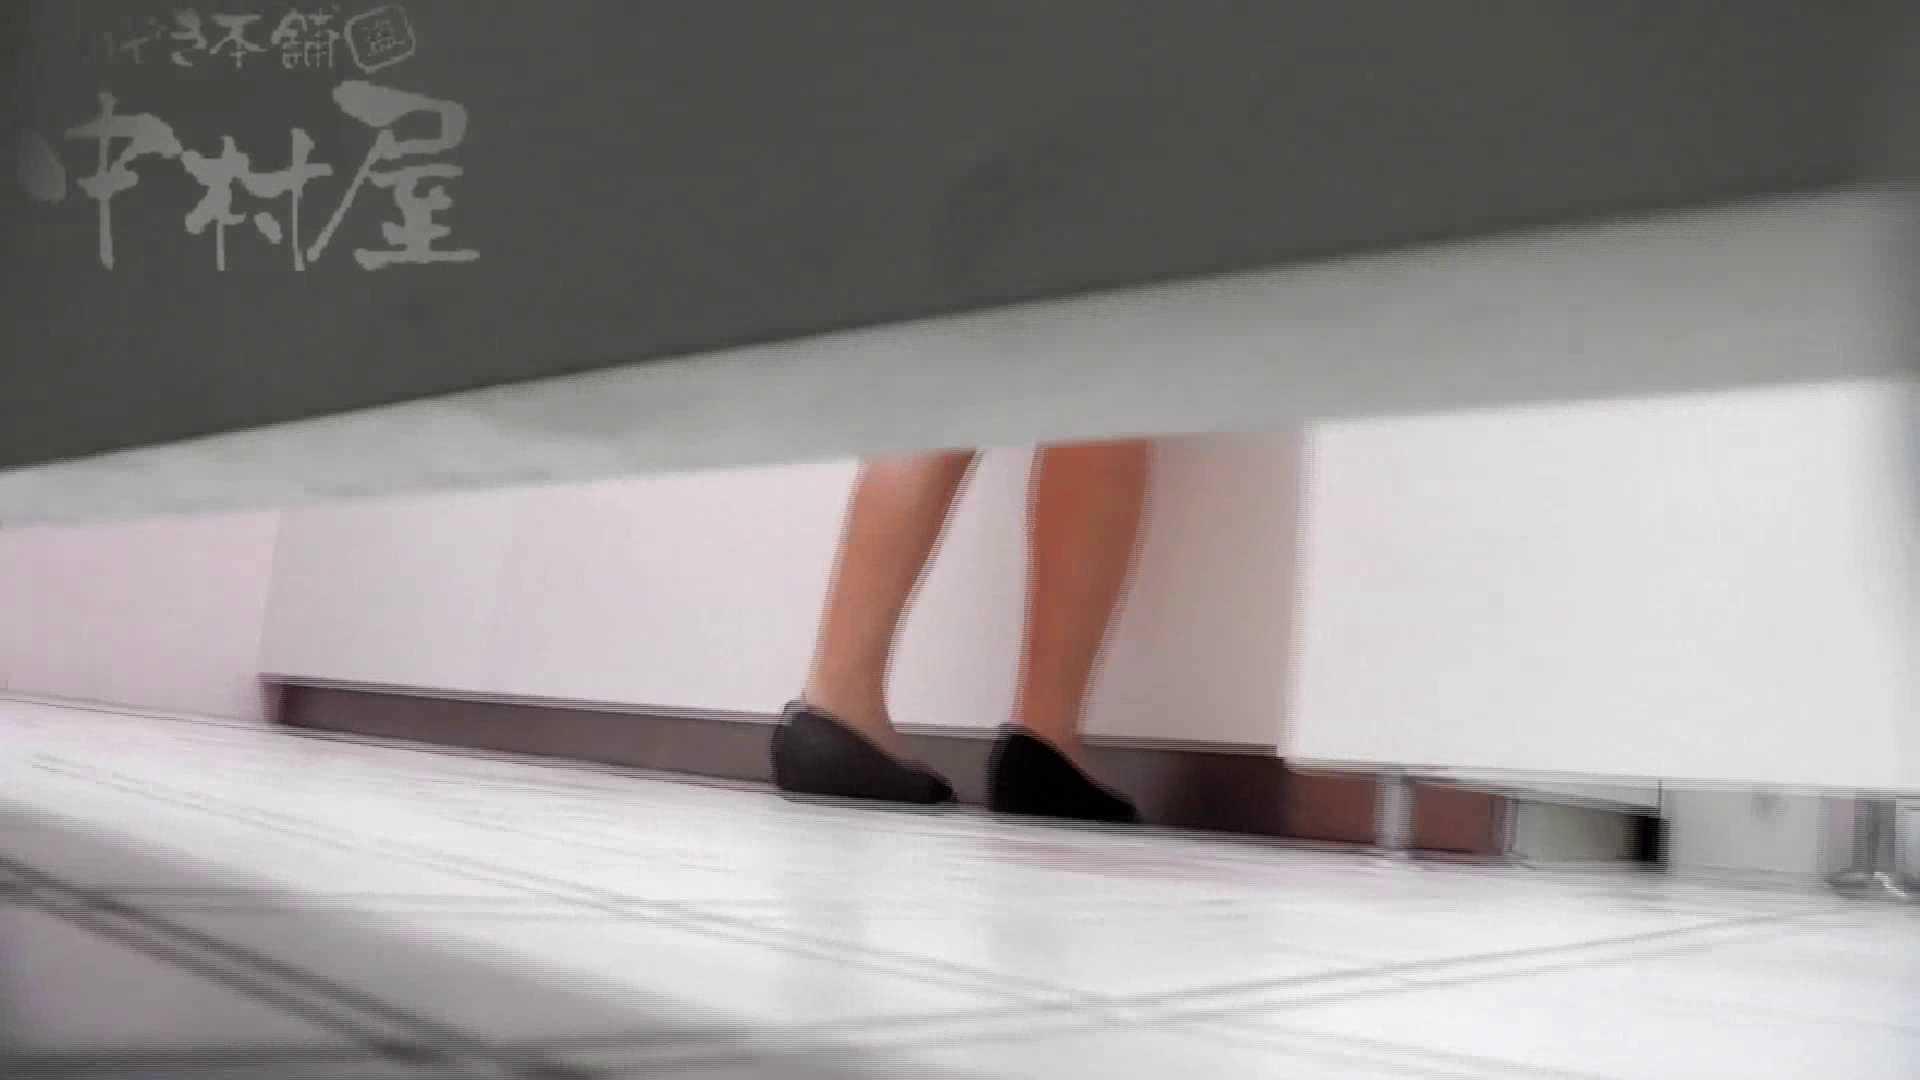 美しい日本の未来 No.35 最長時間更新更に強者登場 肛門 のぞき濡れ場動画紹介 86画像 86